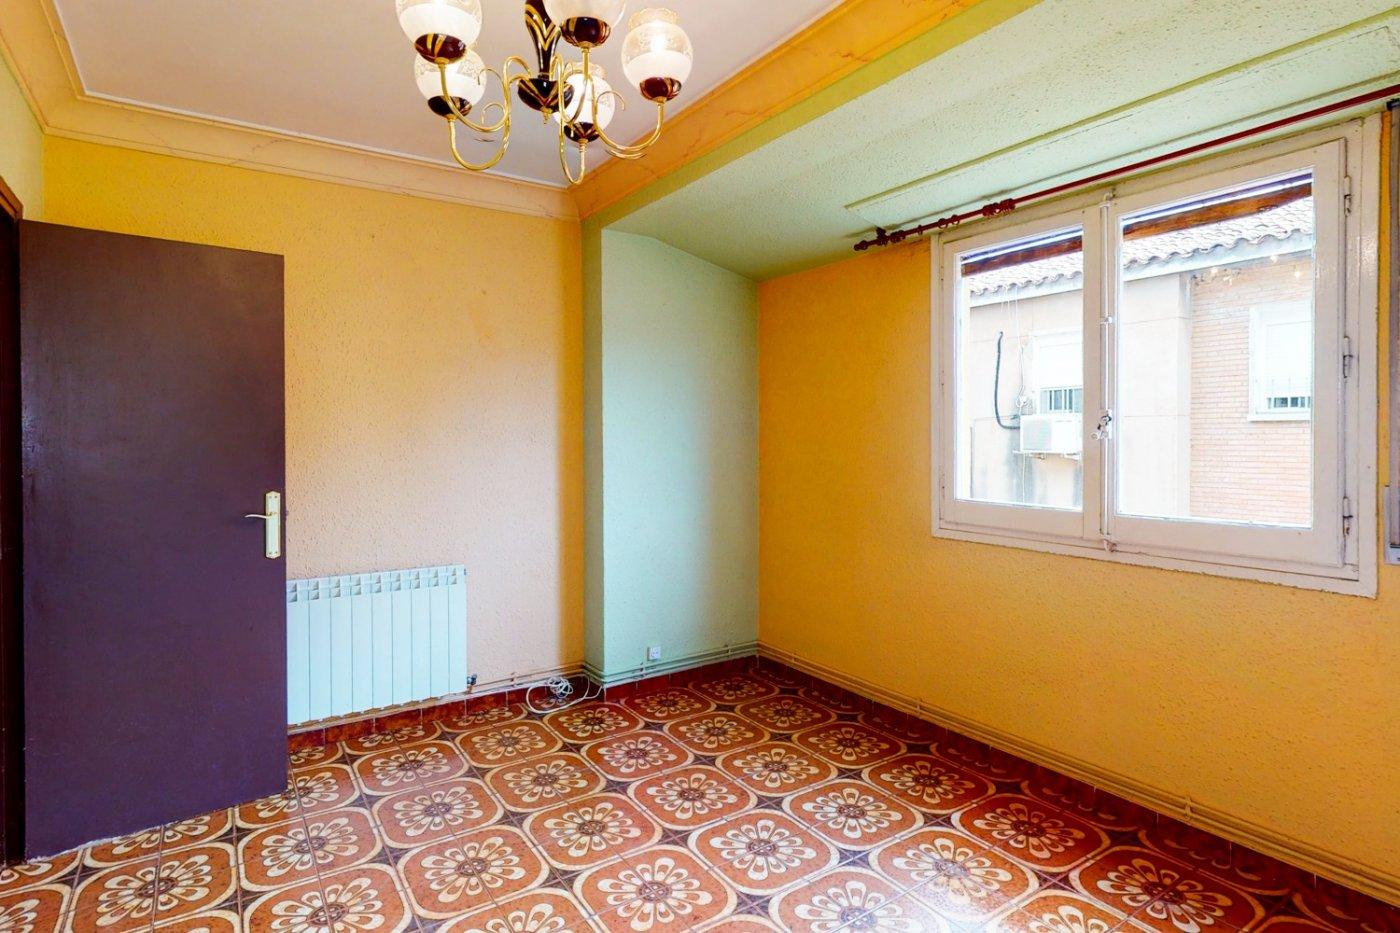 Piso a la venta en c/ lugo, exterior, de tres dormitorios, salon, cocina y baÑo. - imagenInmueble8